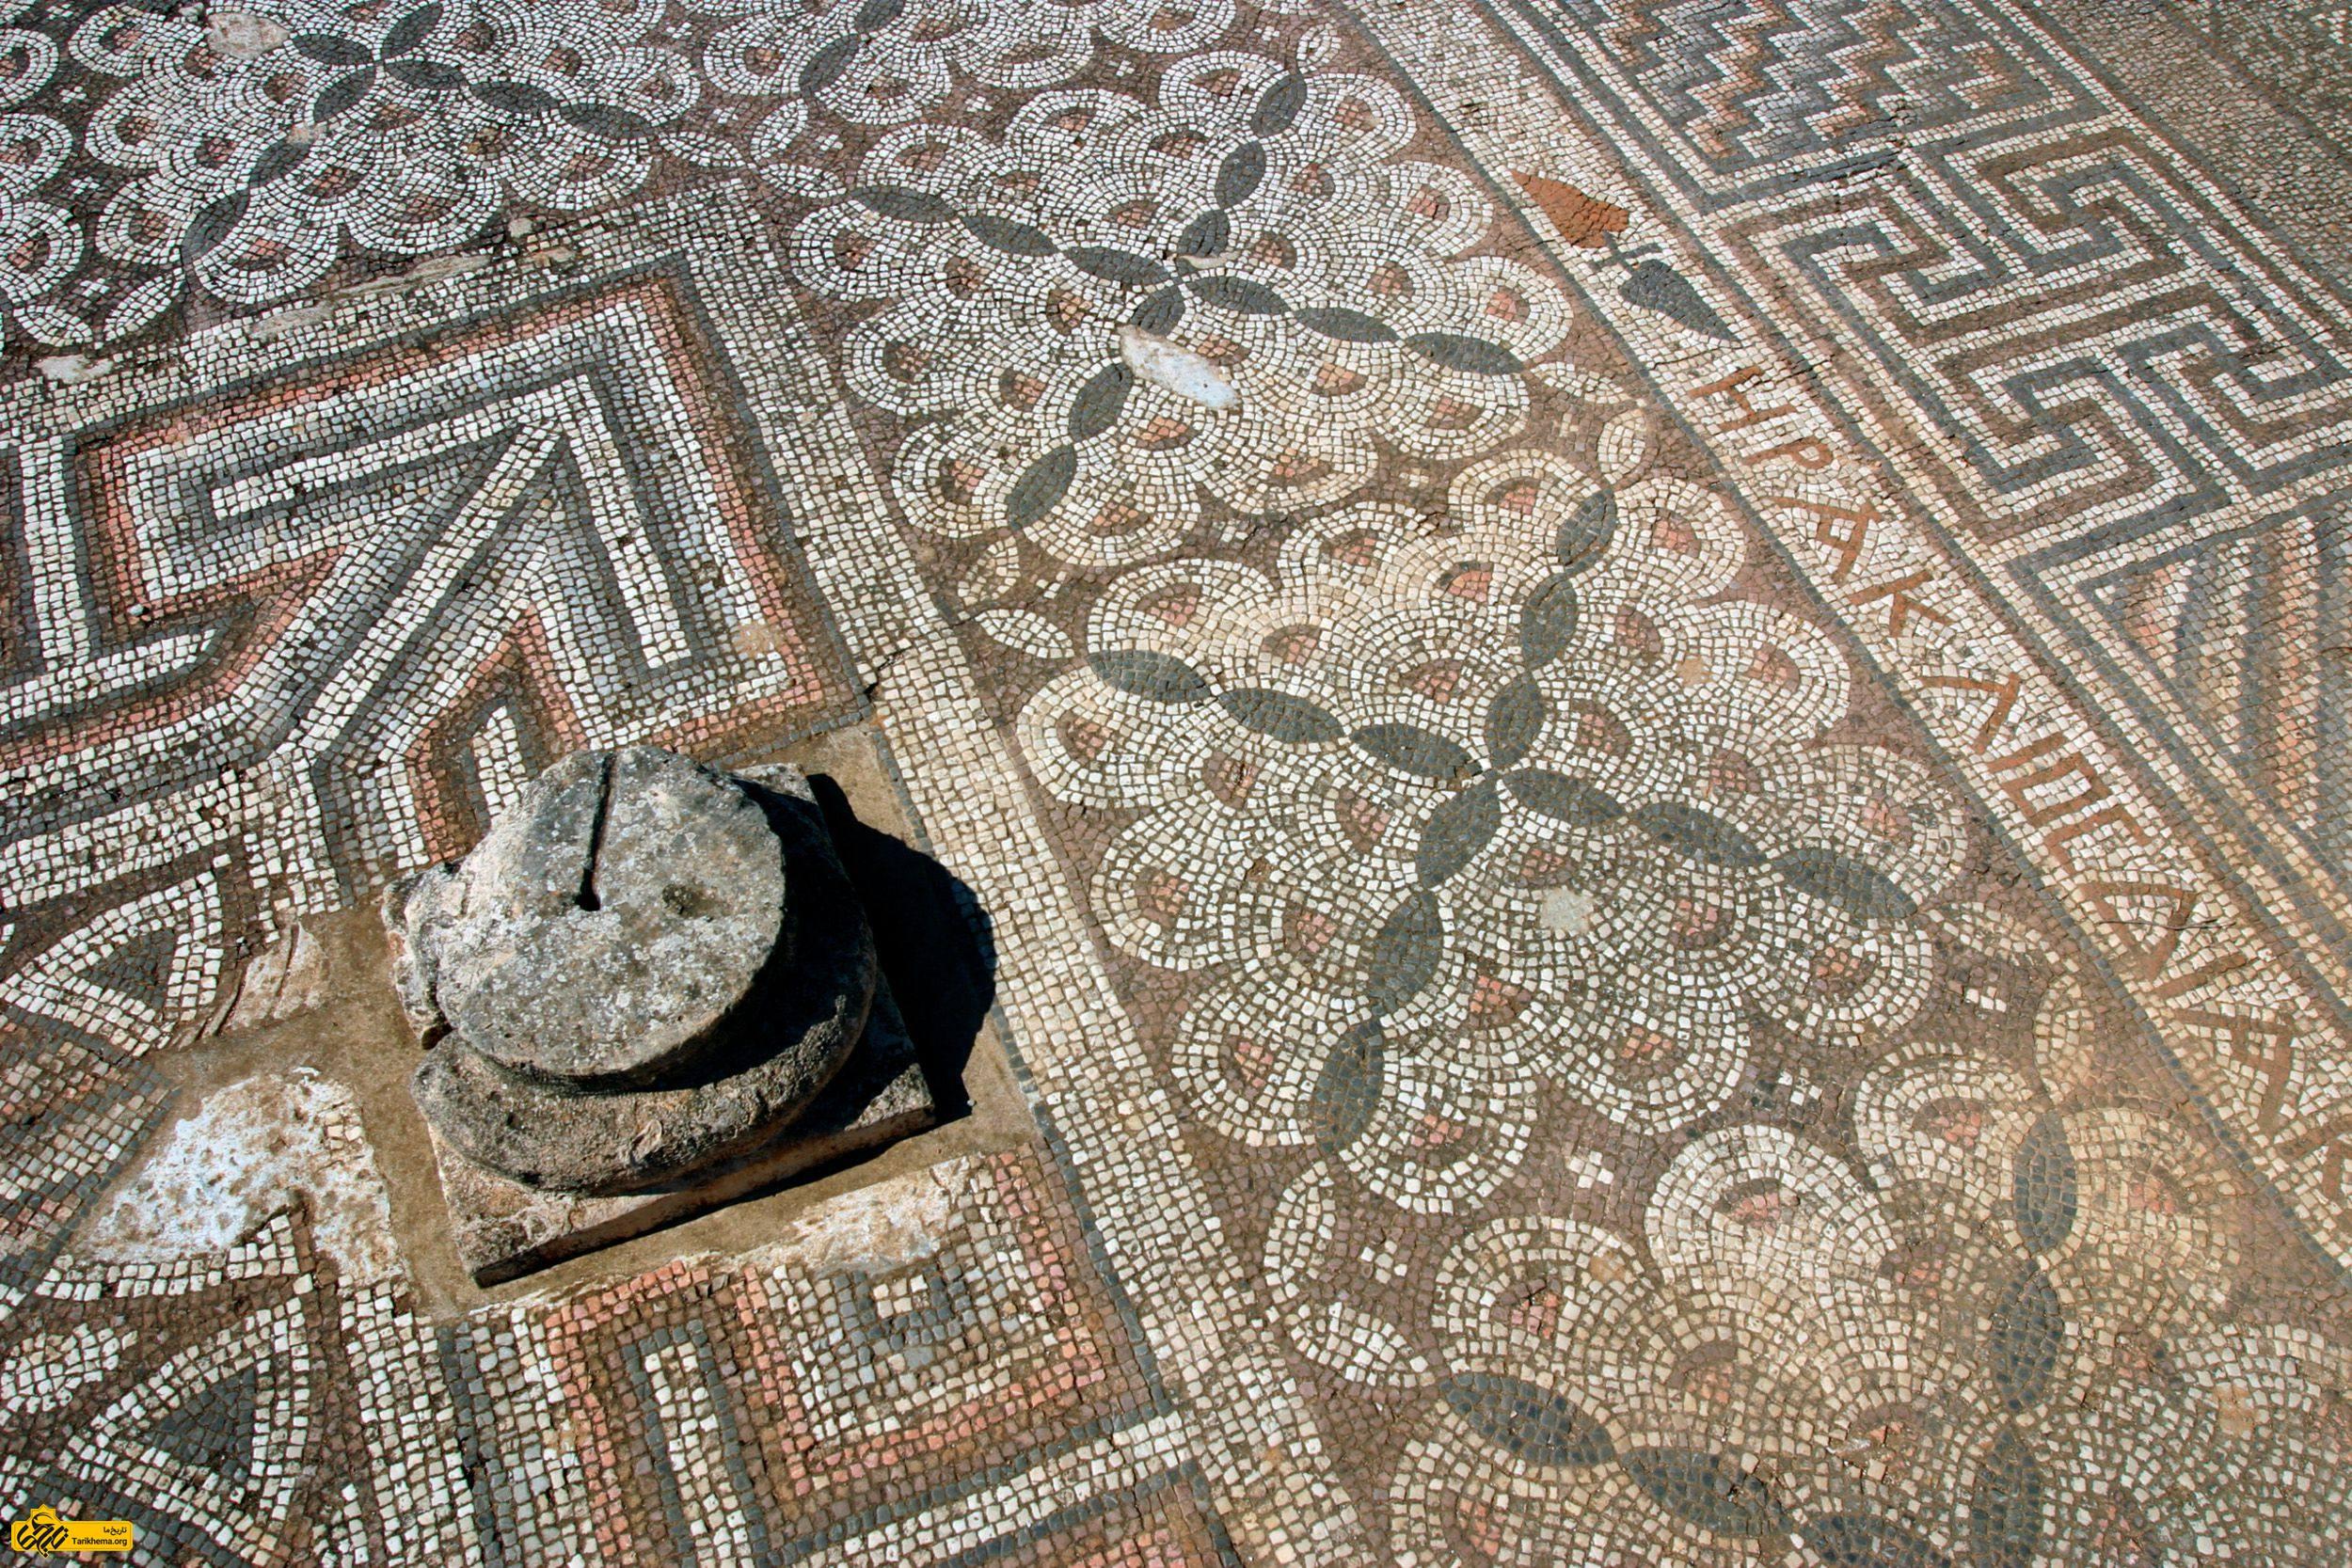 کاشیکاری رومی، روایتی تازه از بریتانیای قرون وسطی